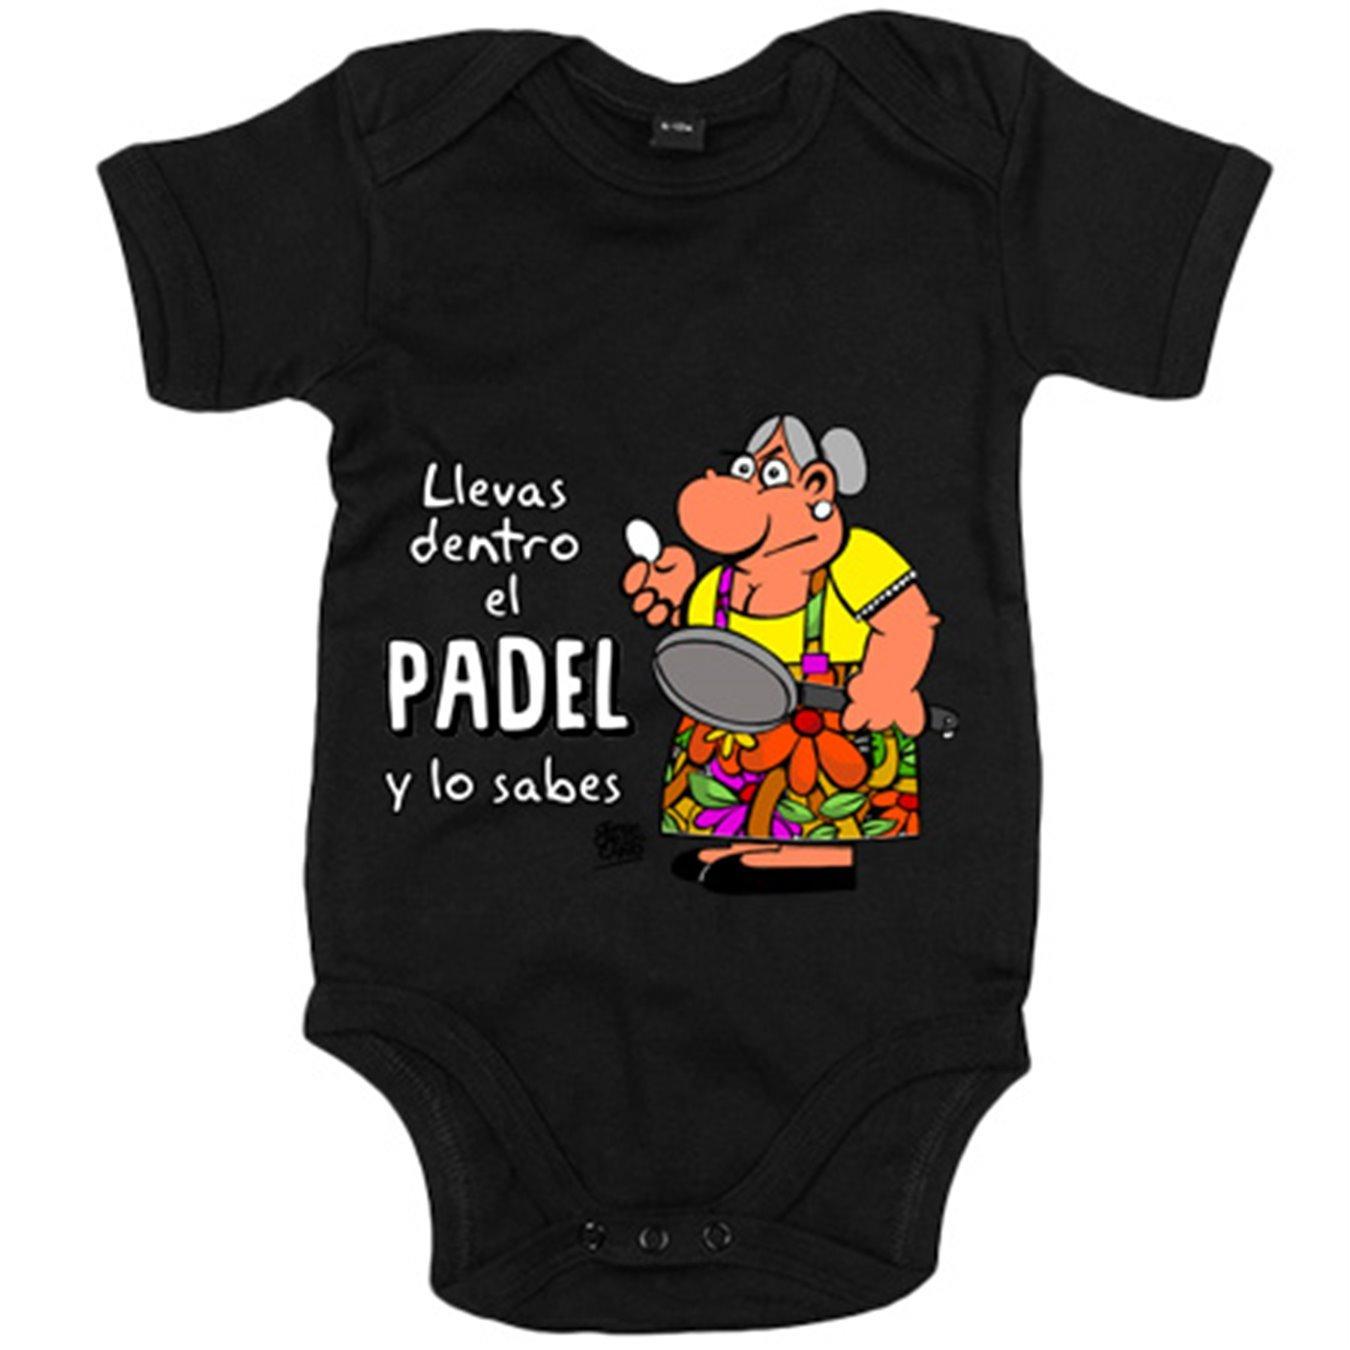 Body bebé Padel tenis Llevas dentro el padel y lo sabes - Amarillo, 6-12 meses: Amazon.es: Bebé